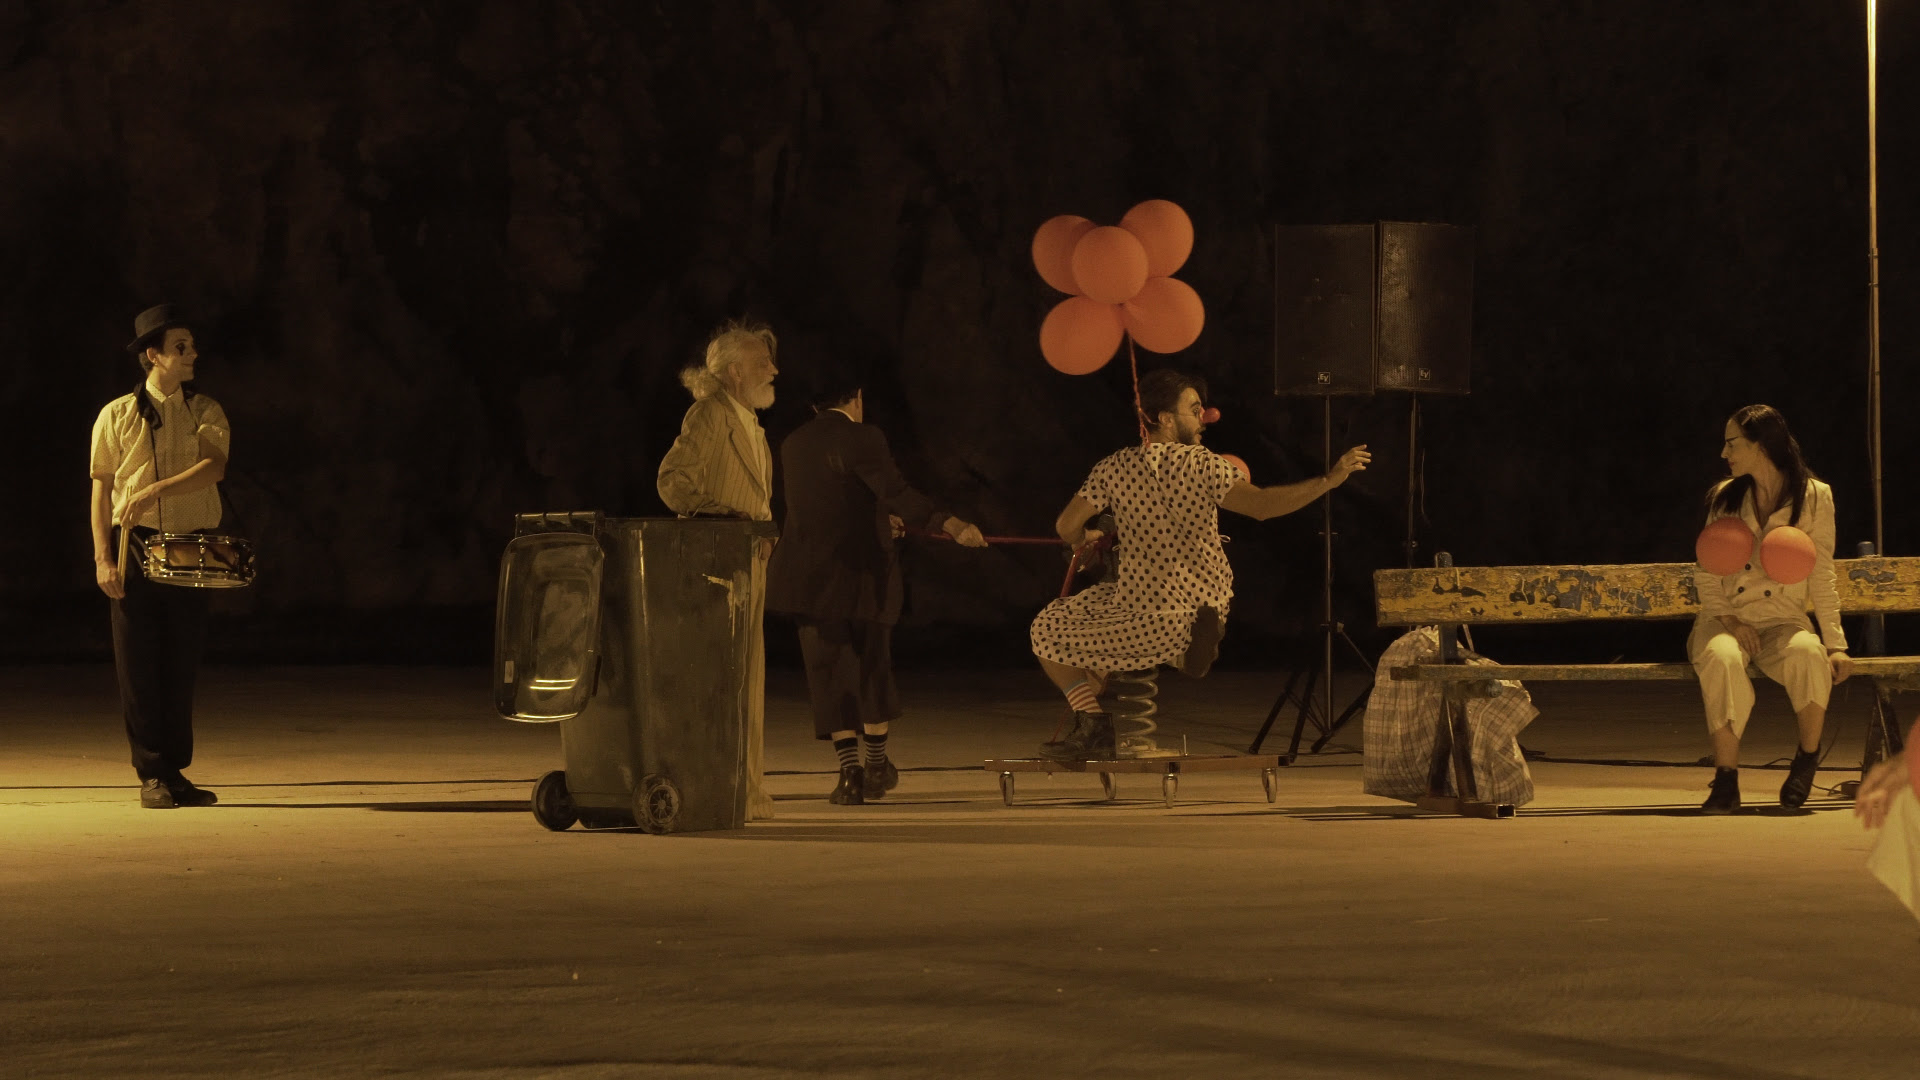 Βάκχες, του Ευριπίδη σε σκηνοθεσία Χρήστου Σουγάρη στο Ηρώδειο |  CultureNow.gr